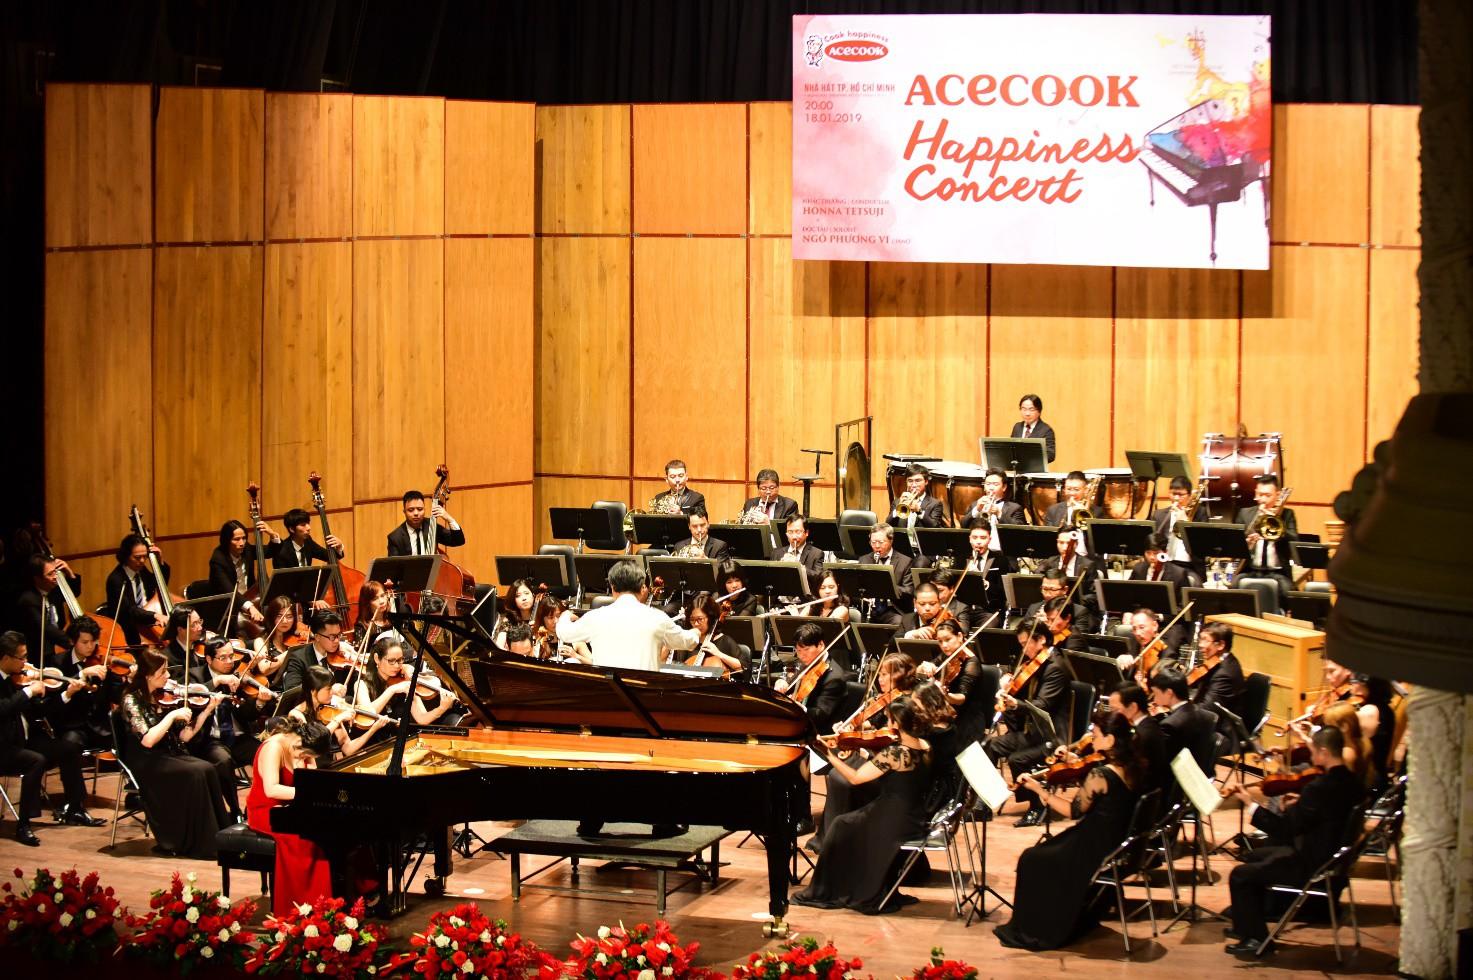 Acecook Việt Nam đem nhạc giao hưởng đến gần công chúng: đường dài lan toả hạnh phúc - Ảnh 3.